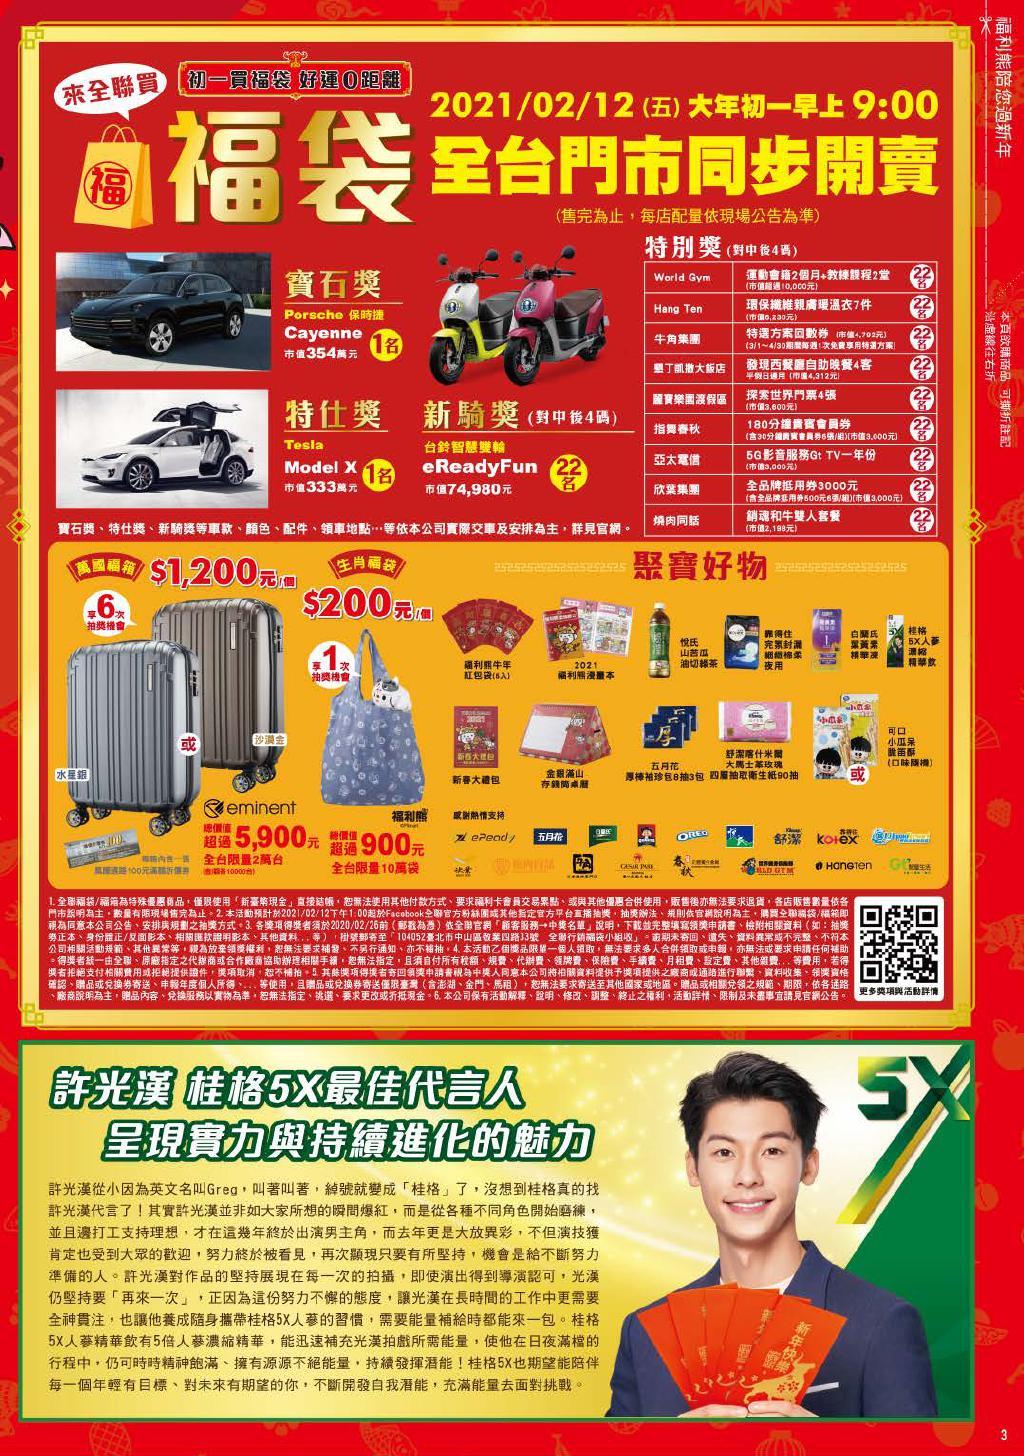 pxmart20210204_000003.jpg